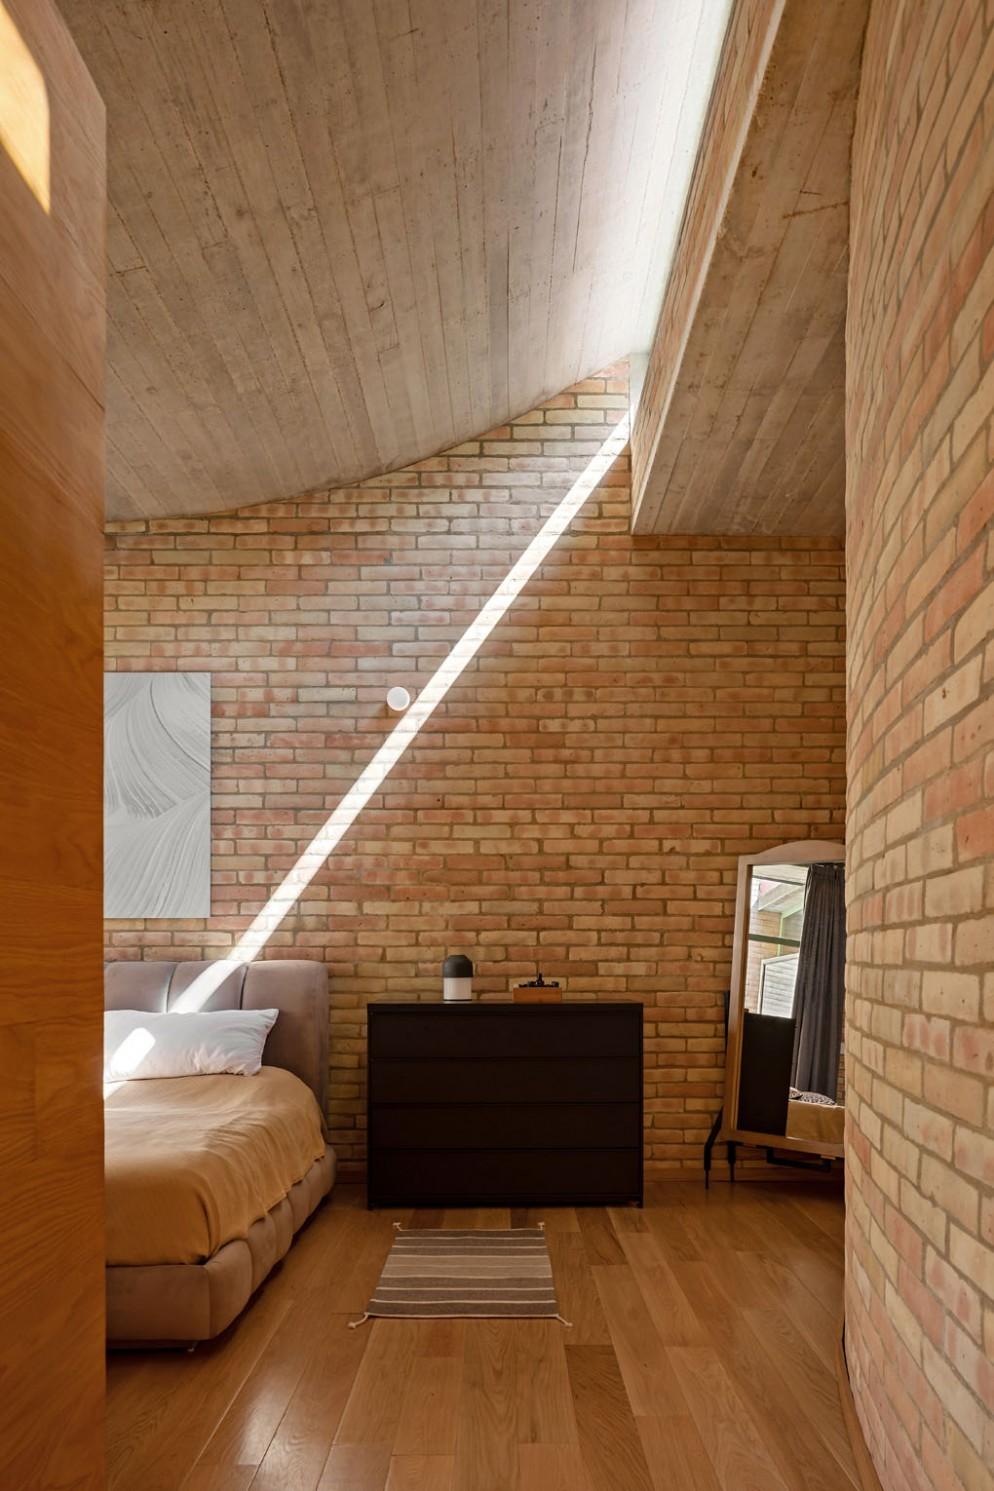 arredare-casa-mattoni-a-vista-progetto-architetti-Lanza-Atelier04